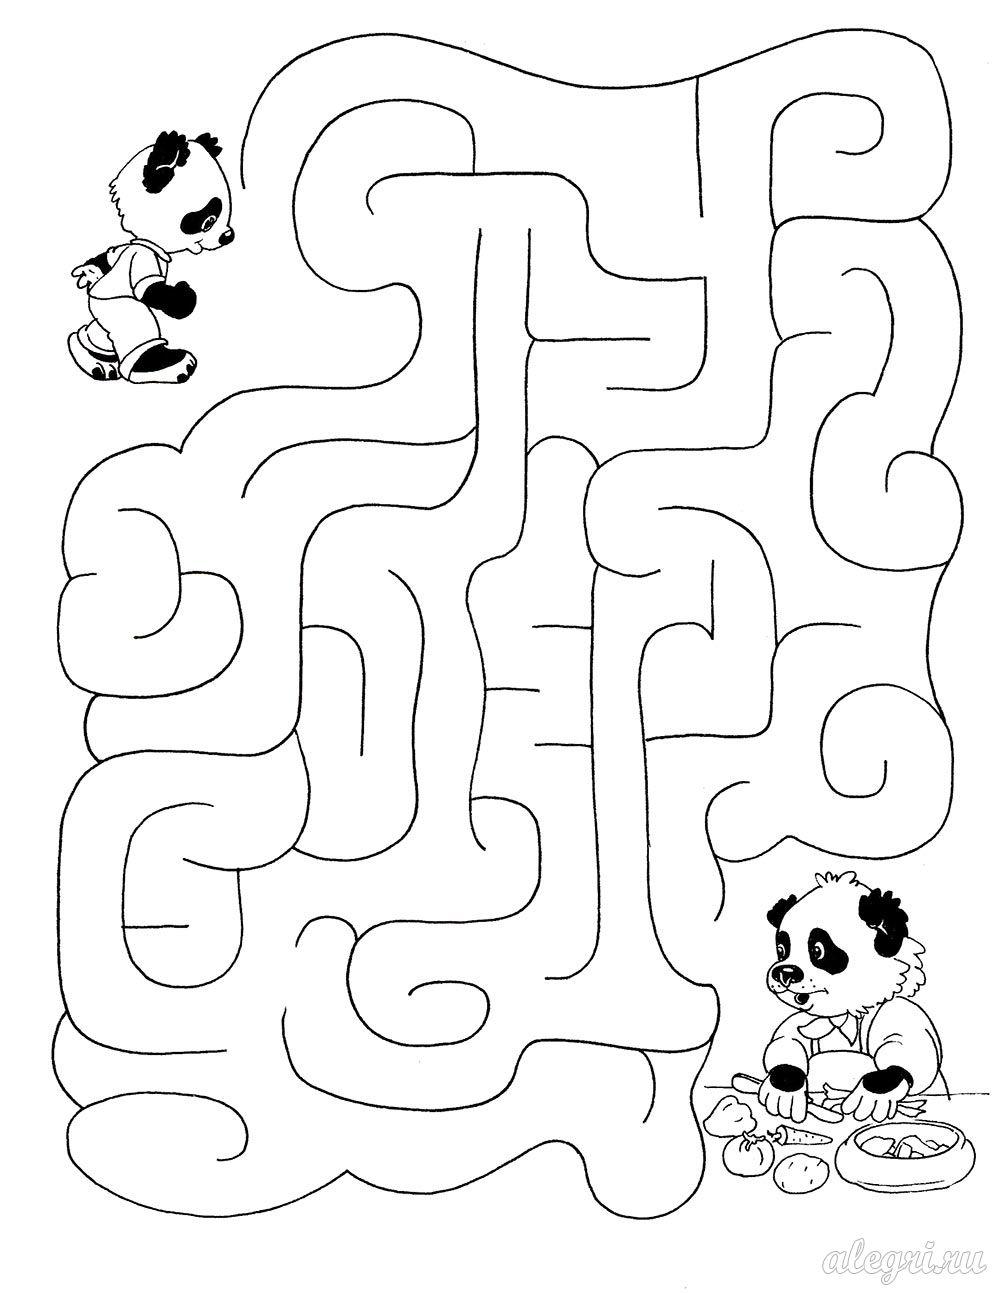 игры на знакомство в школе для детей от 7 до 12 лет